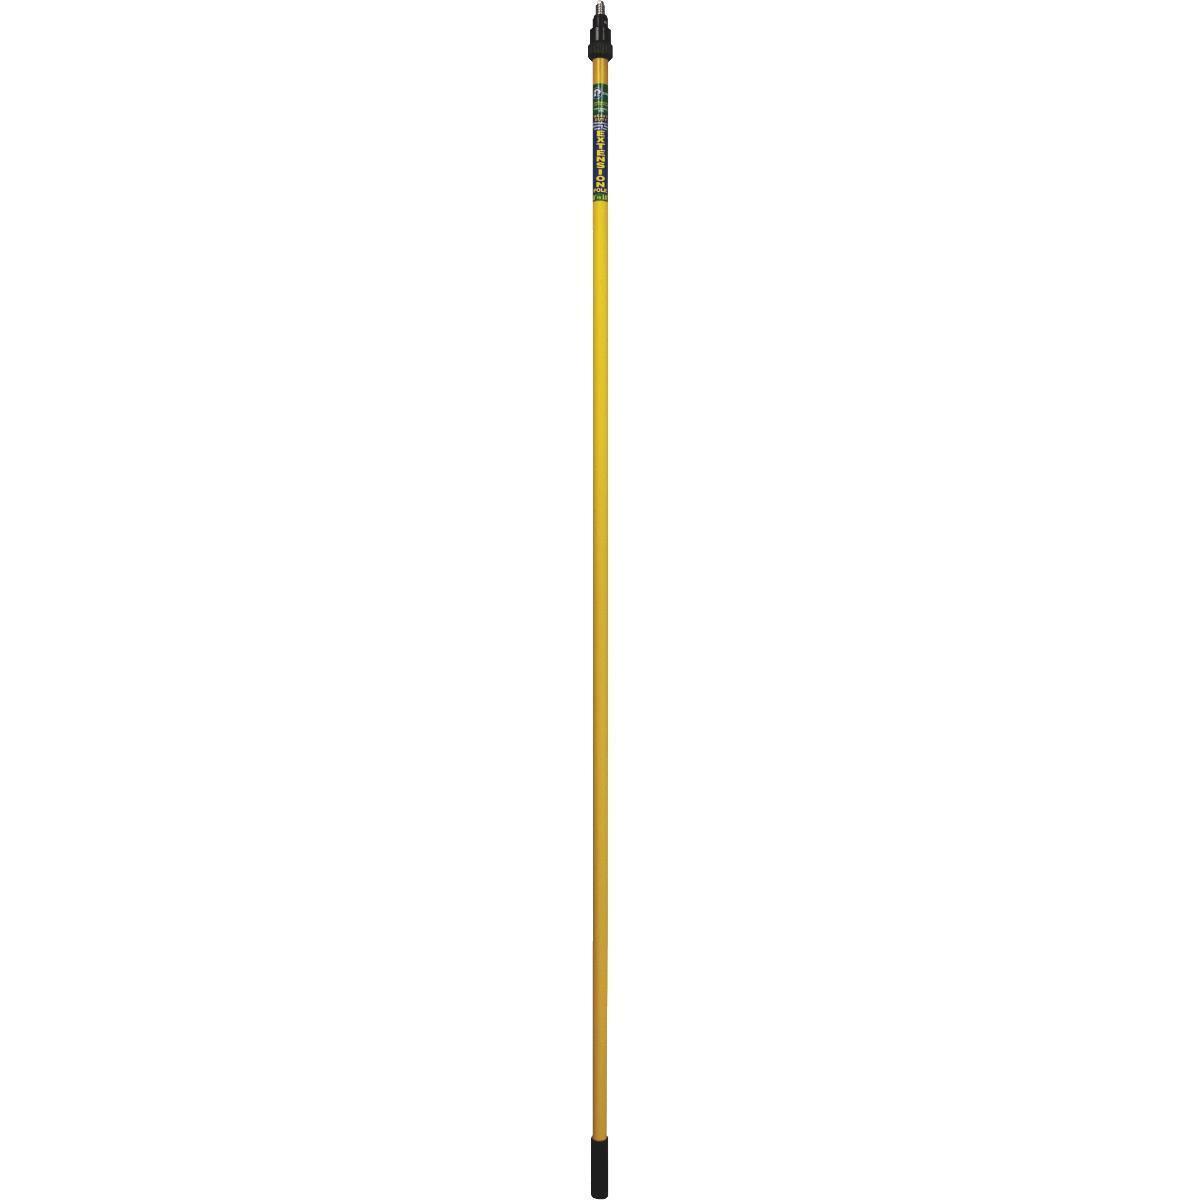 Premier 8-16 Fbgl Extension Pole